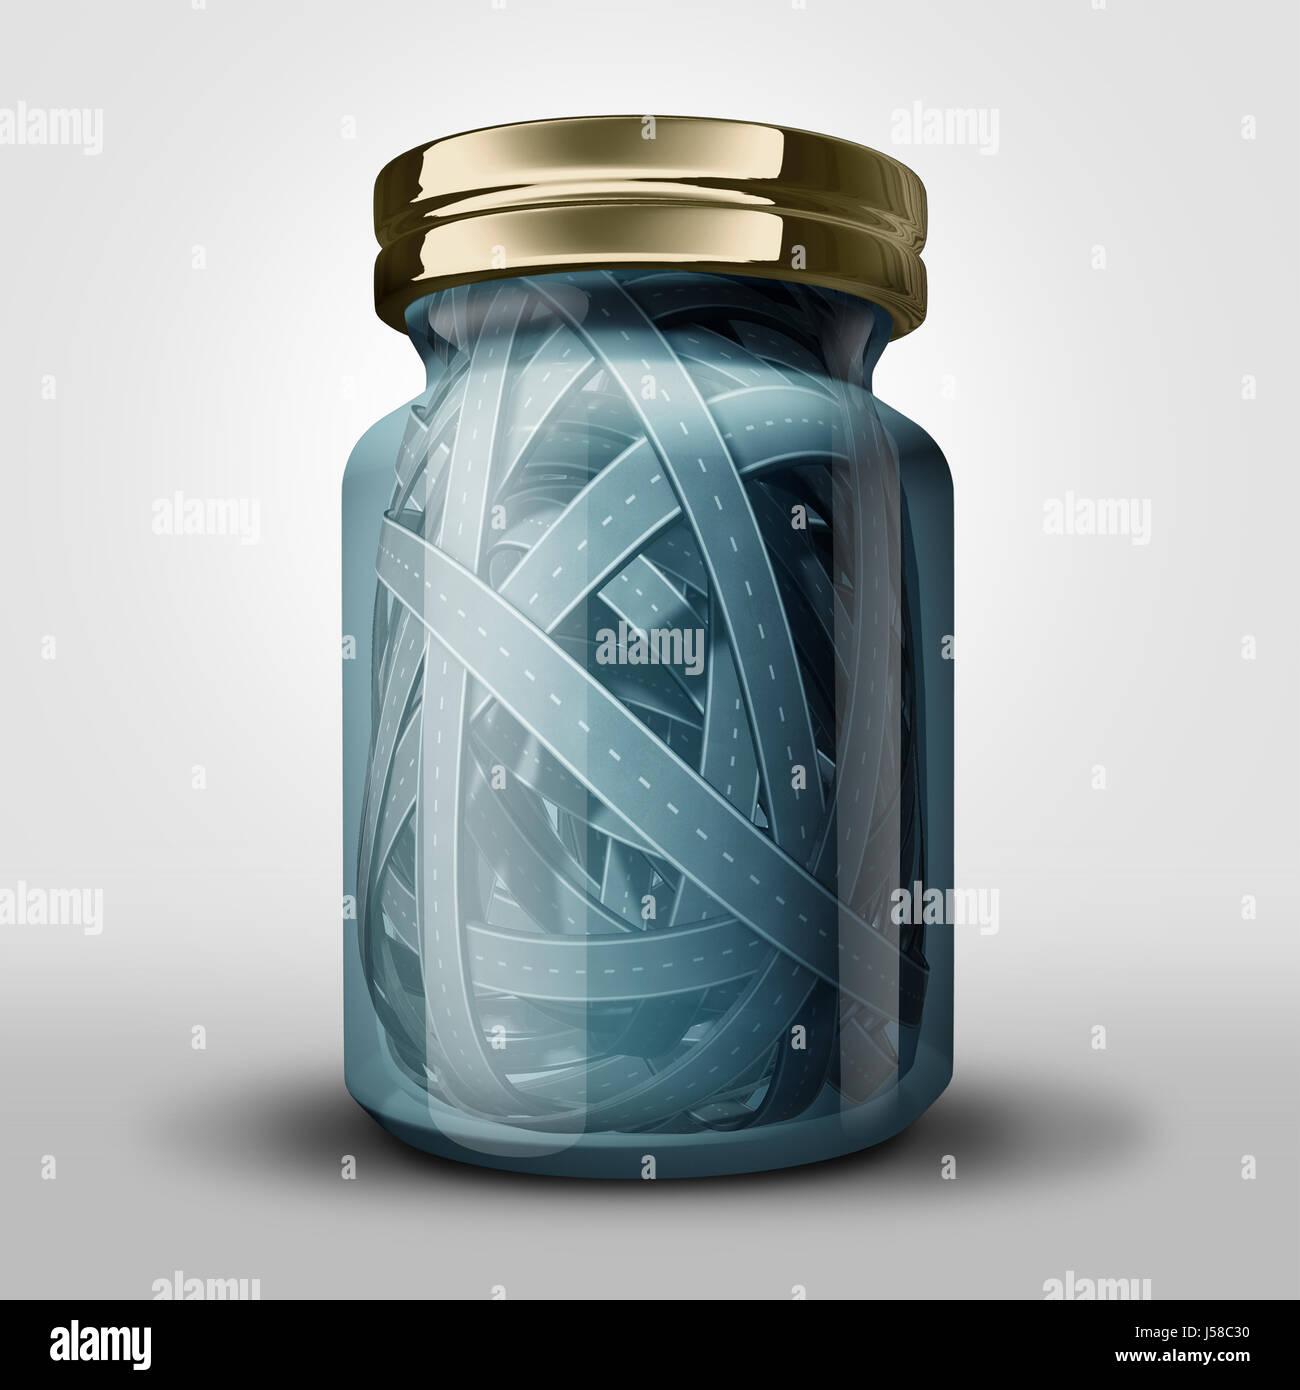 Atasco de tráfico y transporte claustrofobia concepto como una botella de vidrio sellado con enredados caminos Imagen De Stock